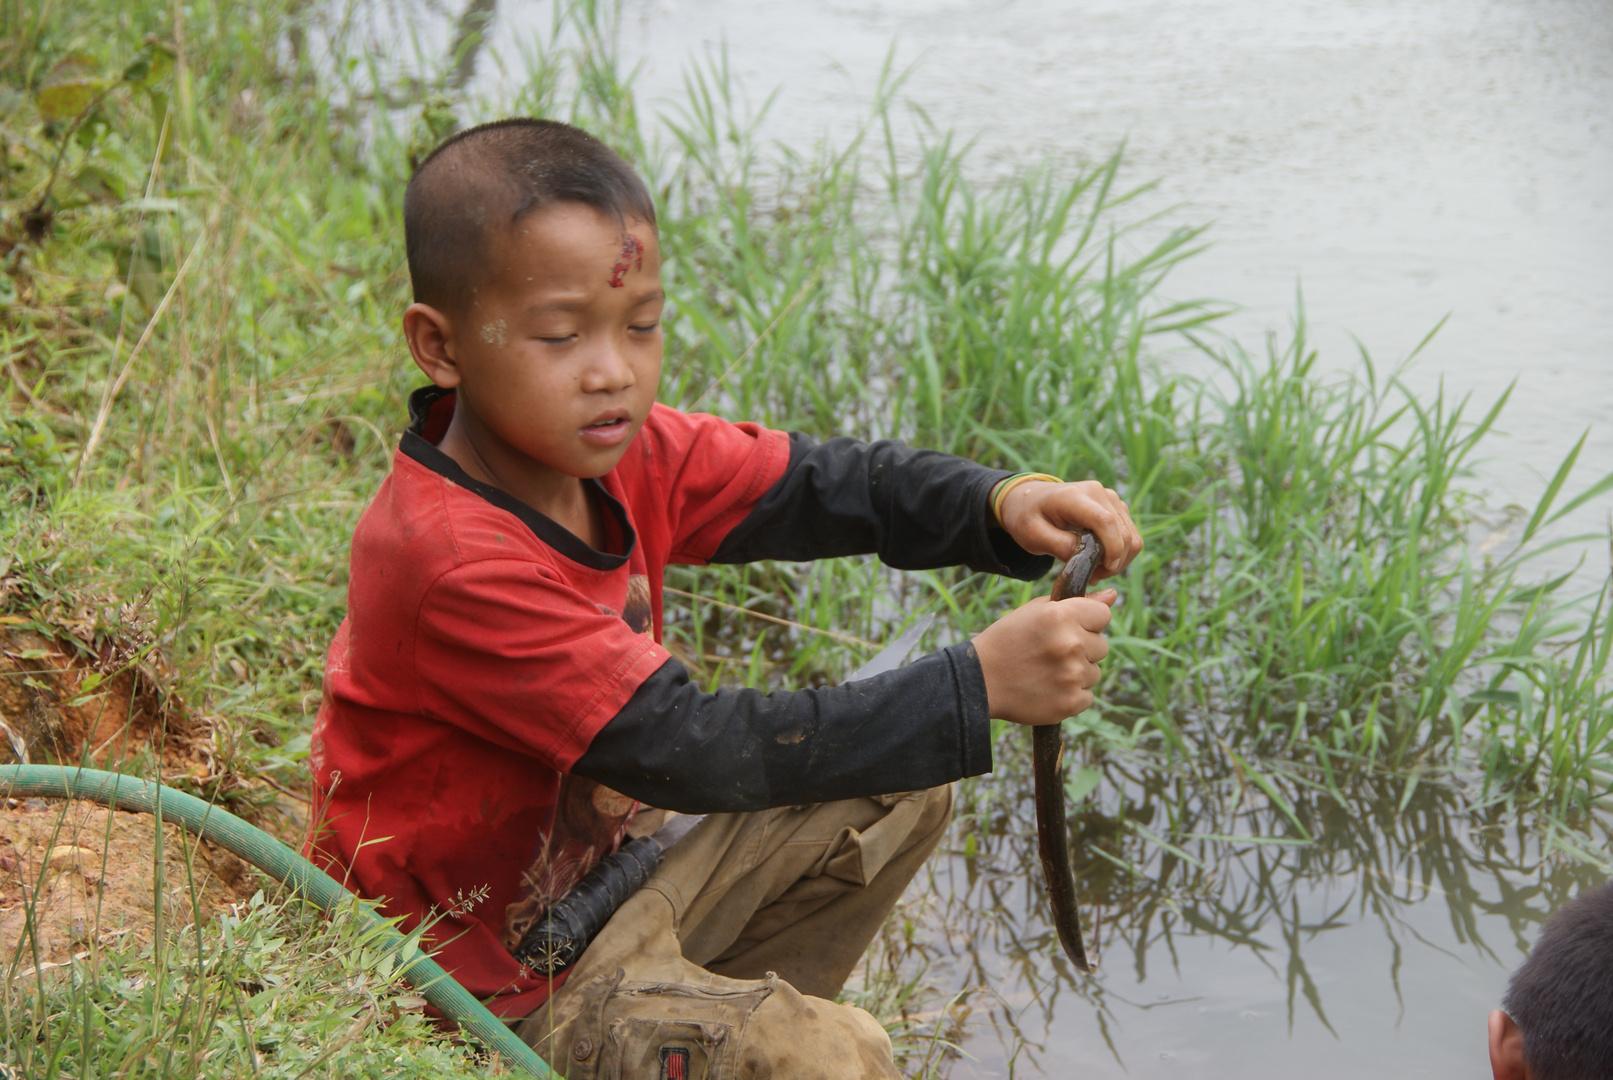 beim aalfang nahe vang vieng, und ganz stolz hat er ihn uns präsentiert, laos 2010